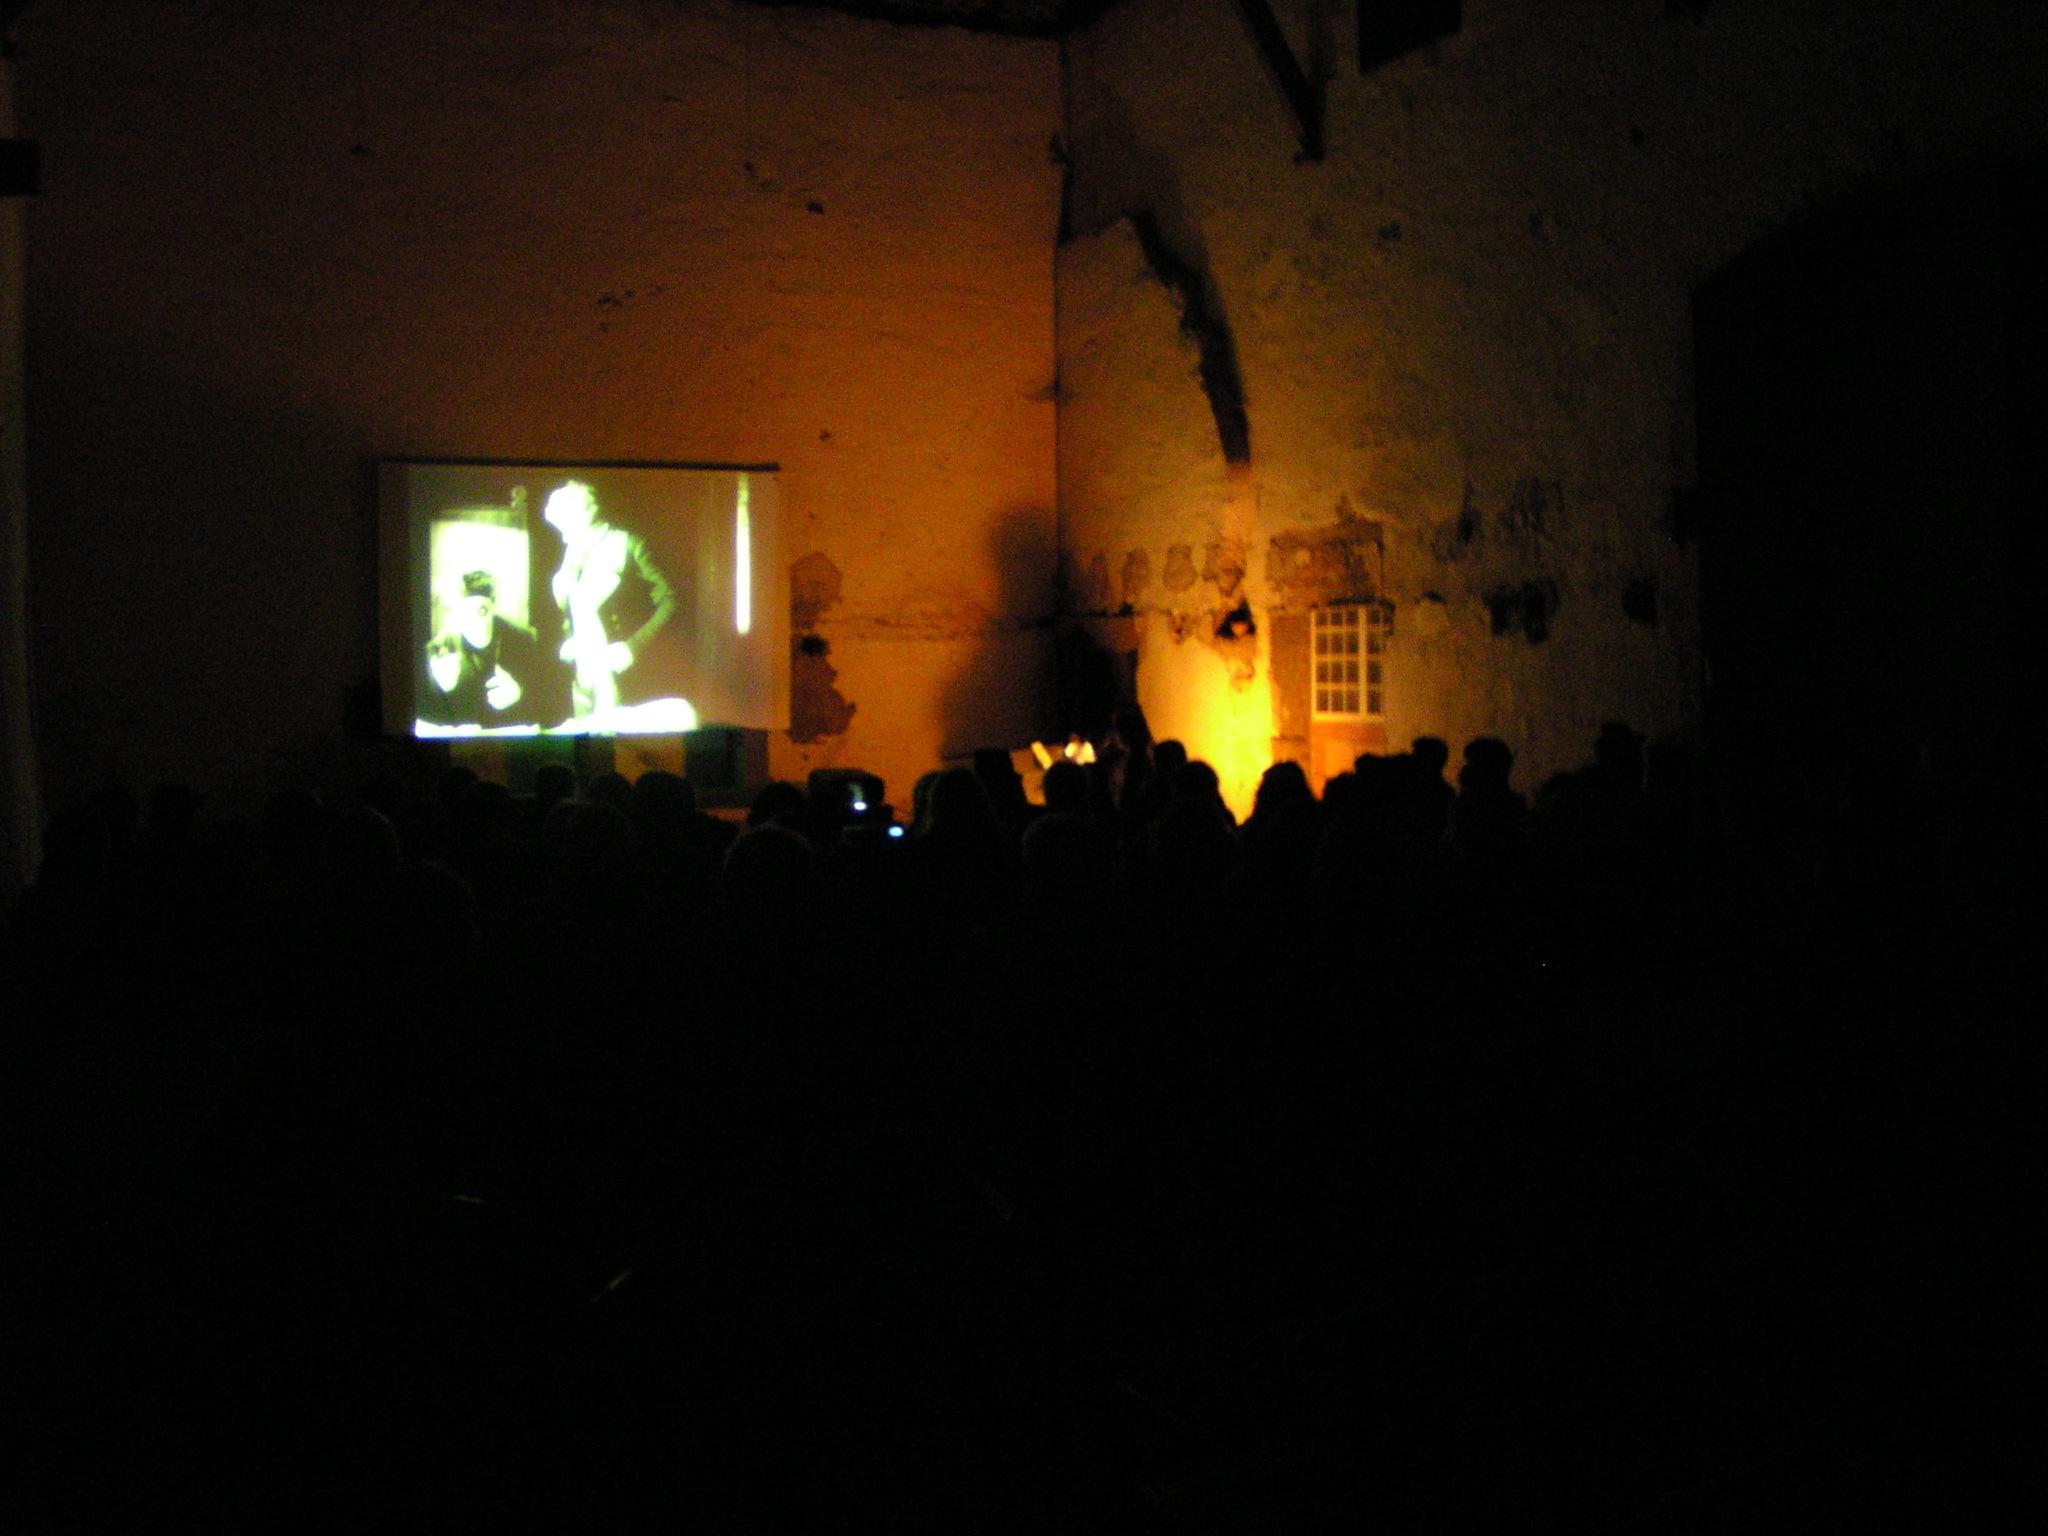 Le premier ciné-concert des Utopies : Nosferatu de Murnau, accompagné par Pascal Pistone et Fabien Chouraki